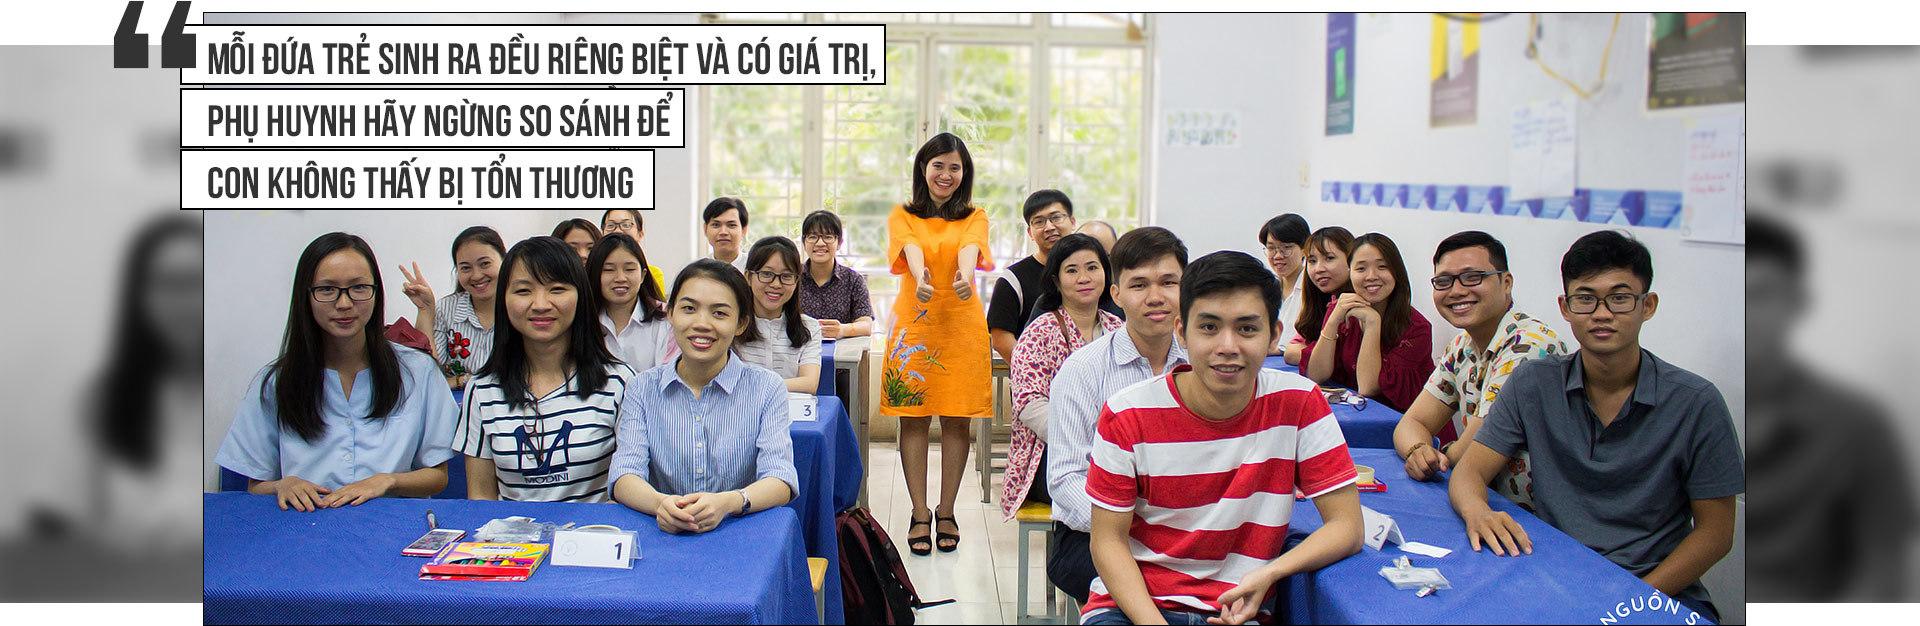 lễ bế giảng,giáo viên,giá trị sống